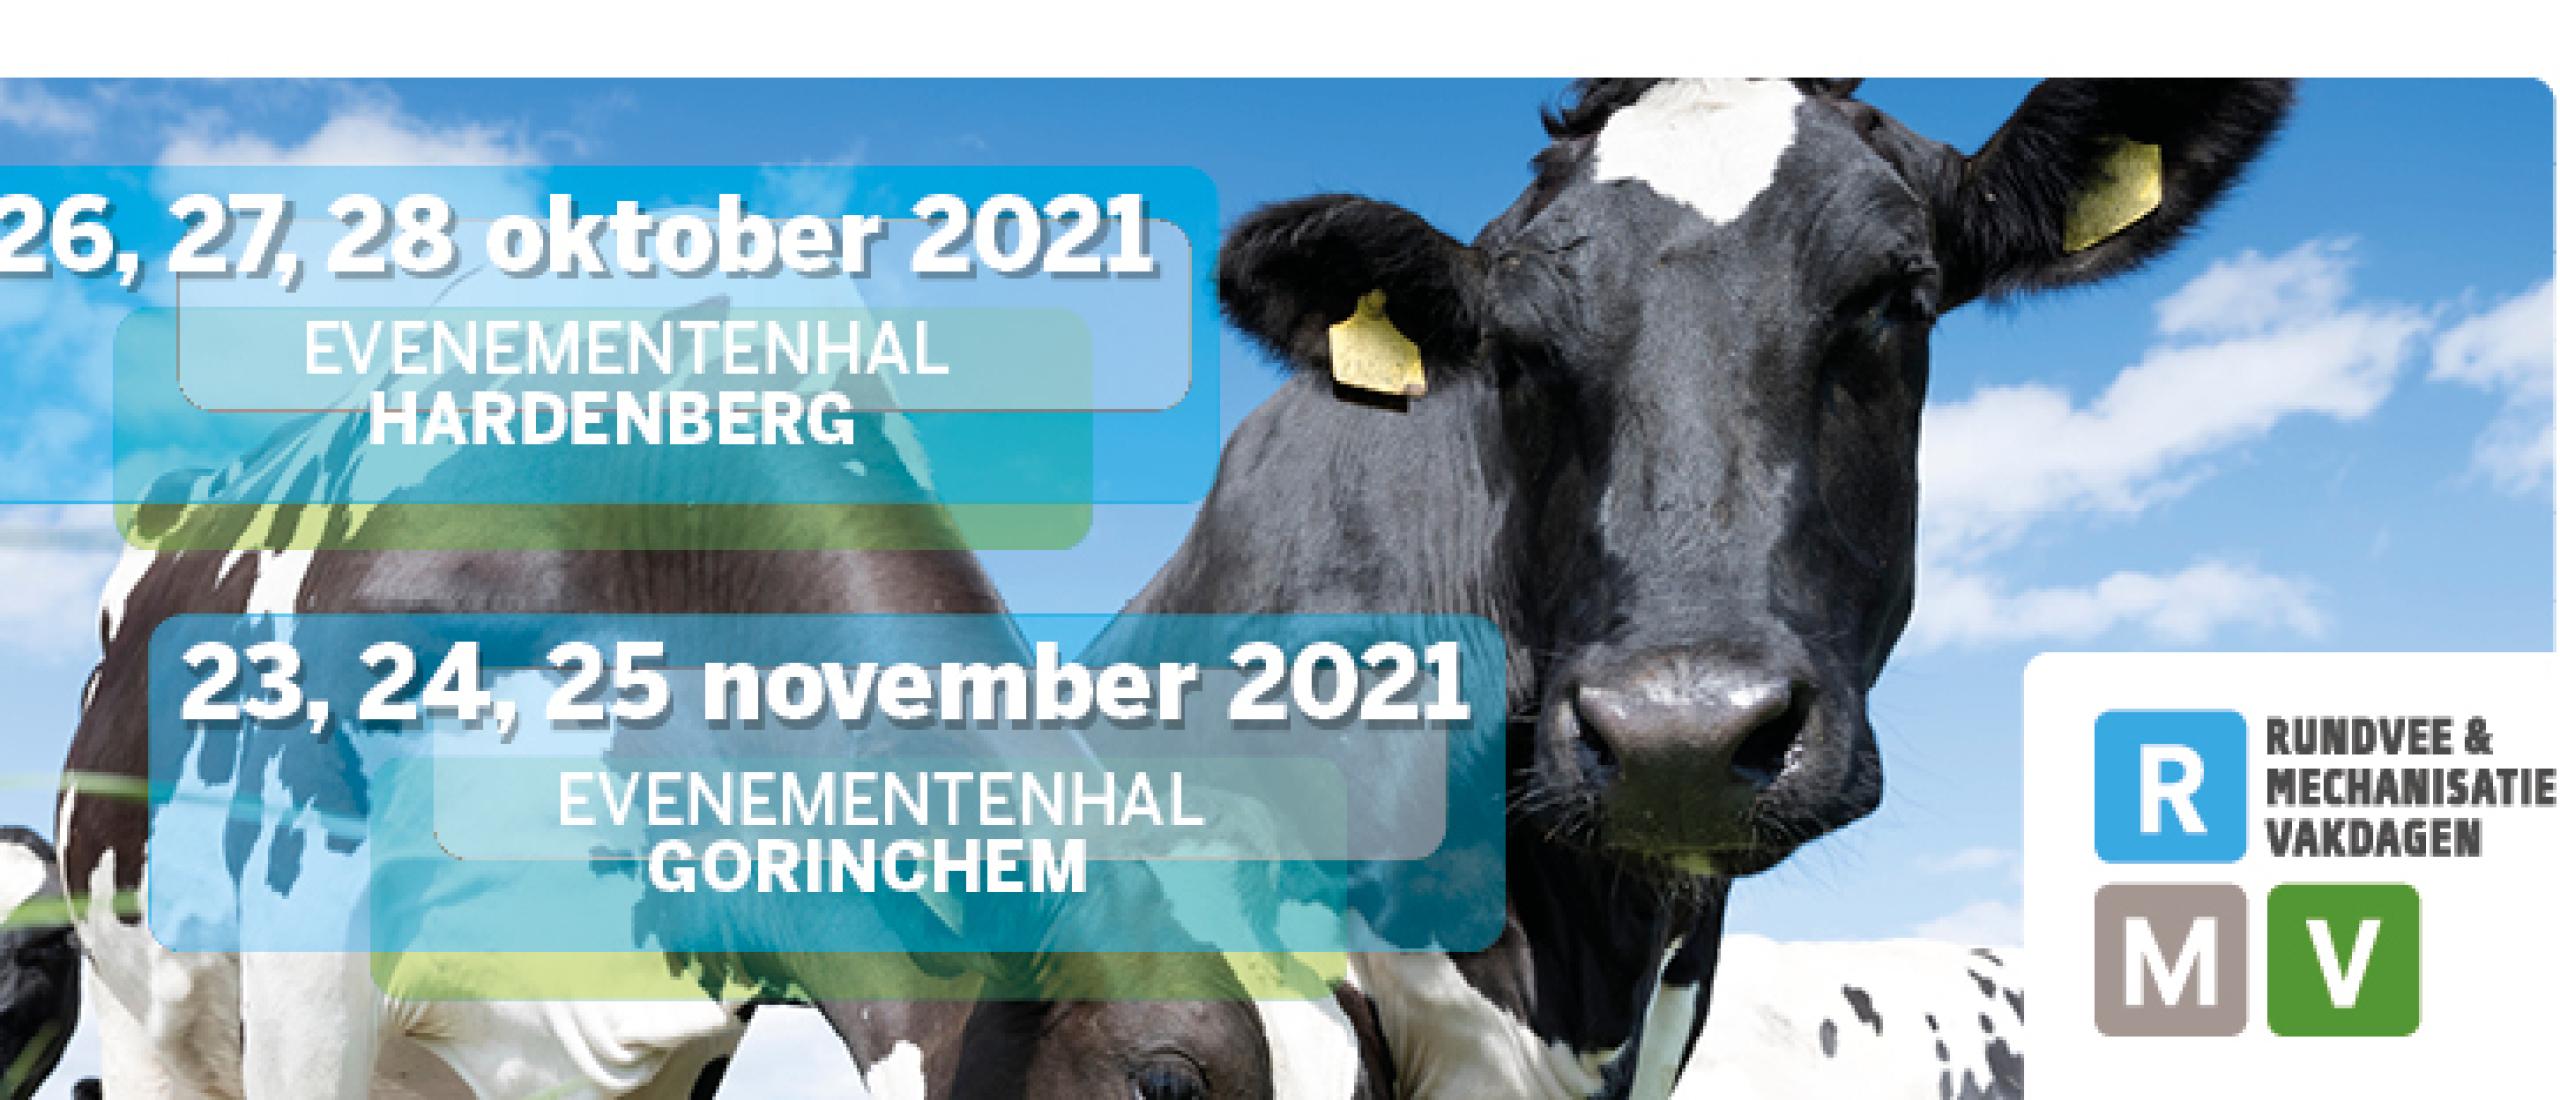 Noteer in uw agenda: 26, 27  en 28 oktober vindt u ons op Rundvee & Mechanisatie Vakdagen (RMV) Hardenberg.